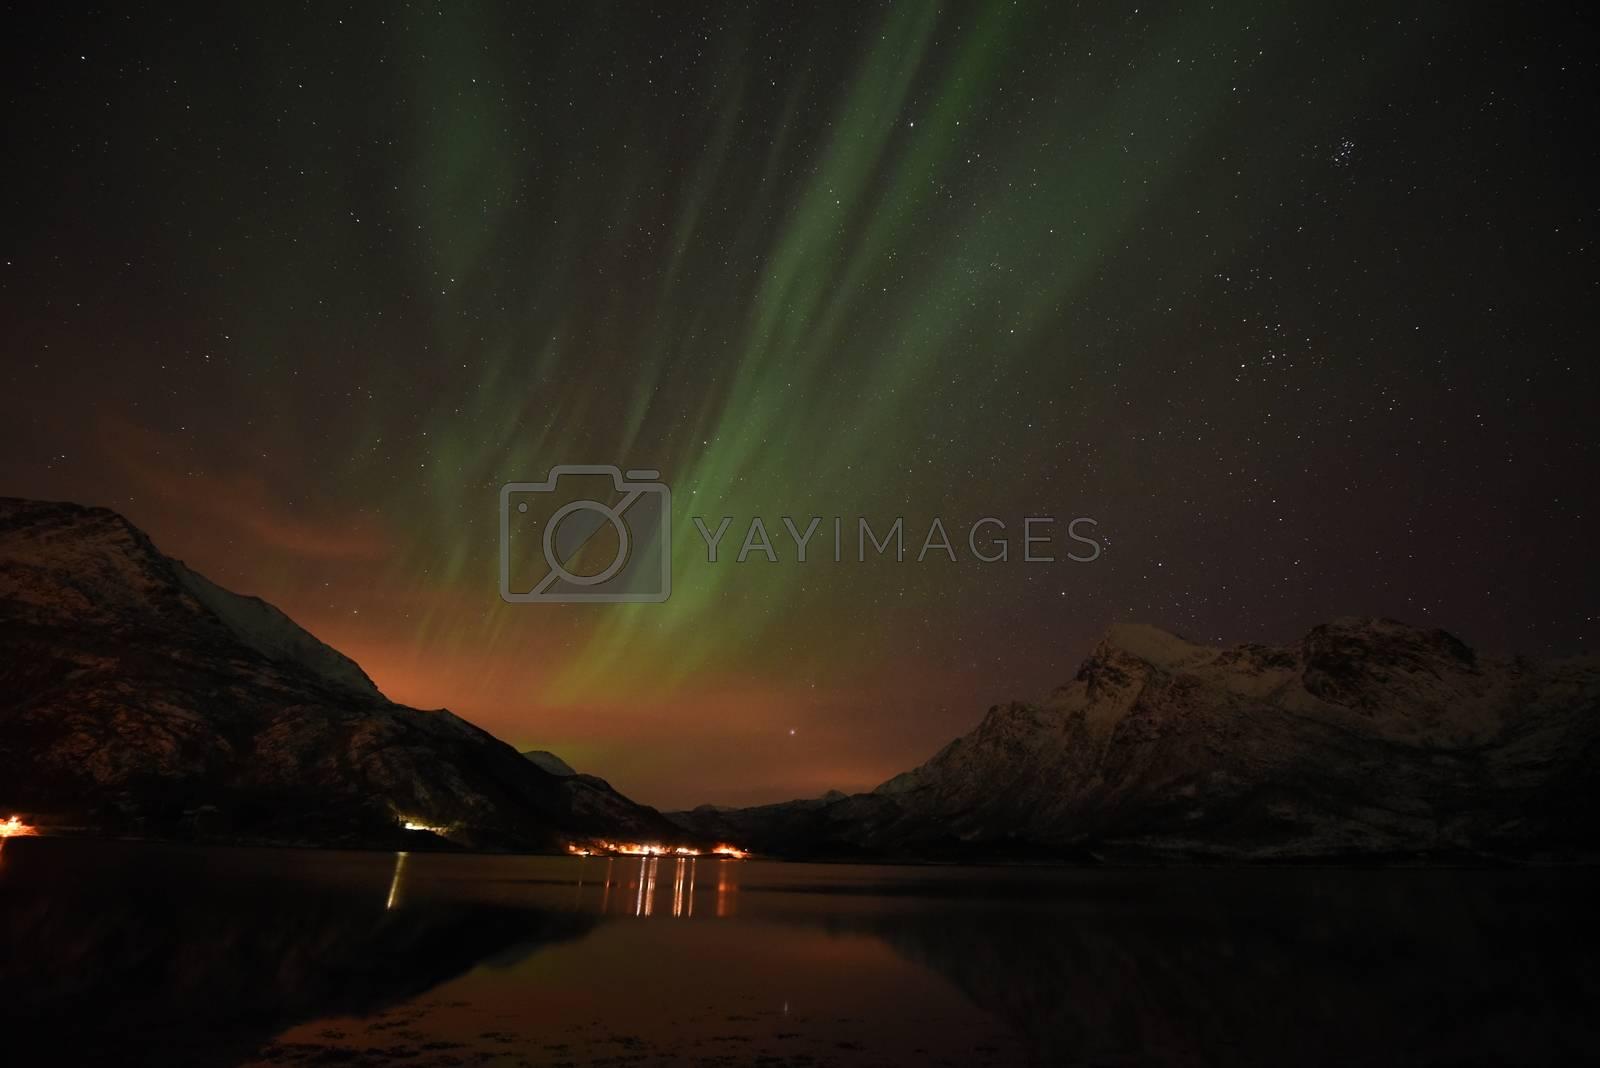 Royalty free image of Nordlys i Lofoten by jobb.pedersen@gmail.com